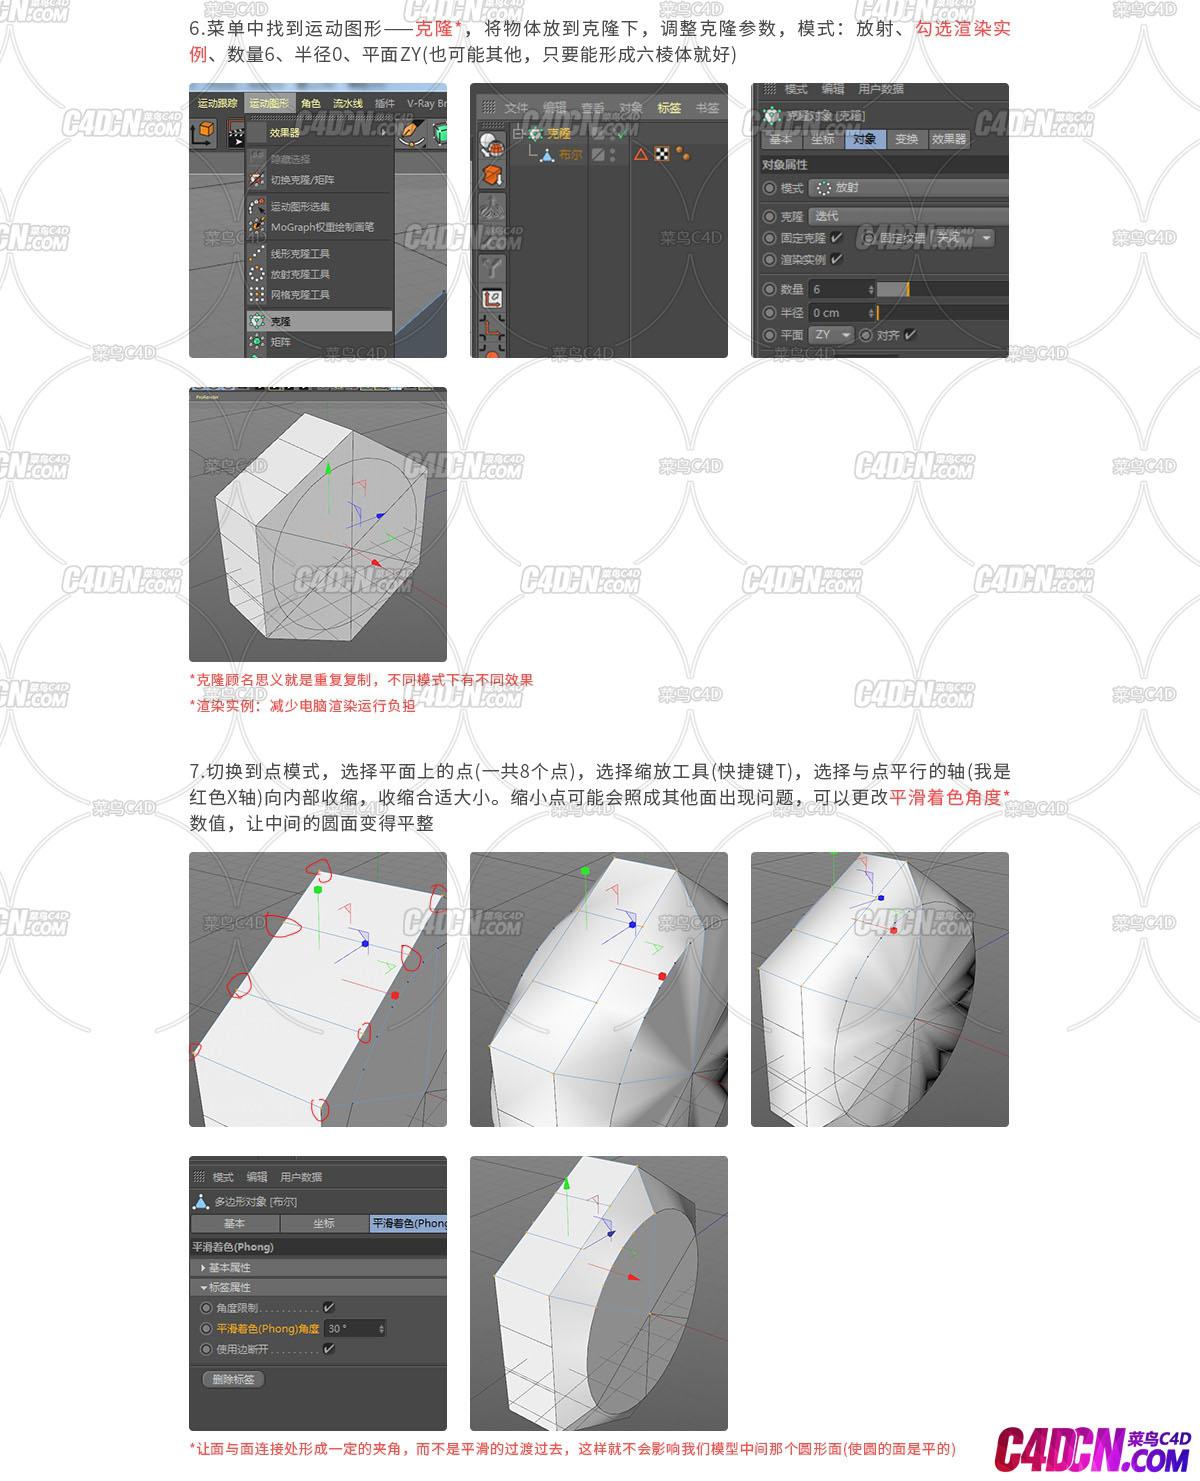 C4D如何创建螺母_06.jpg